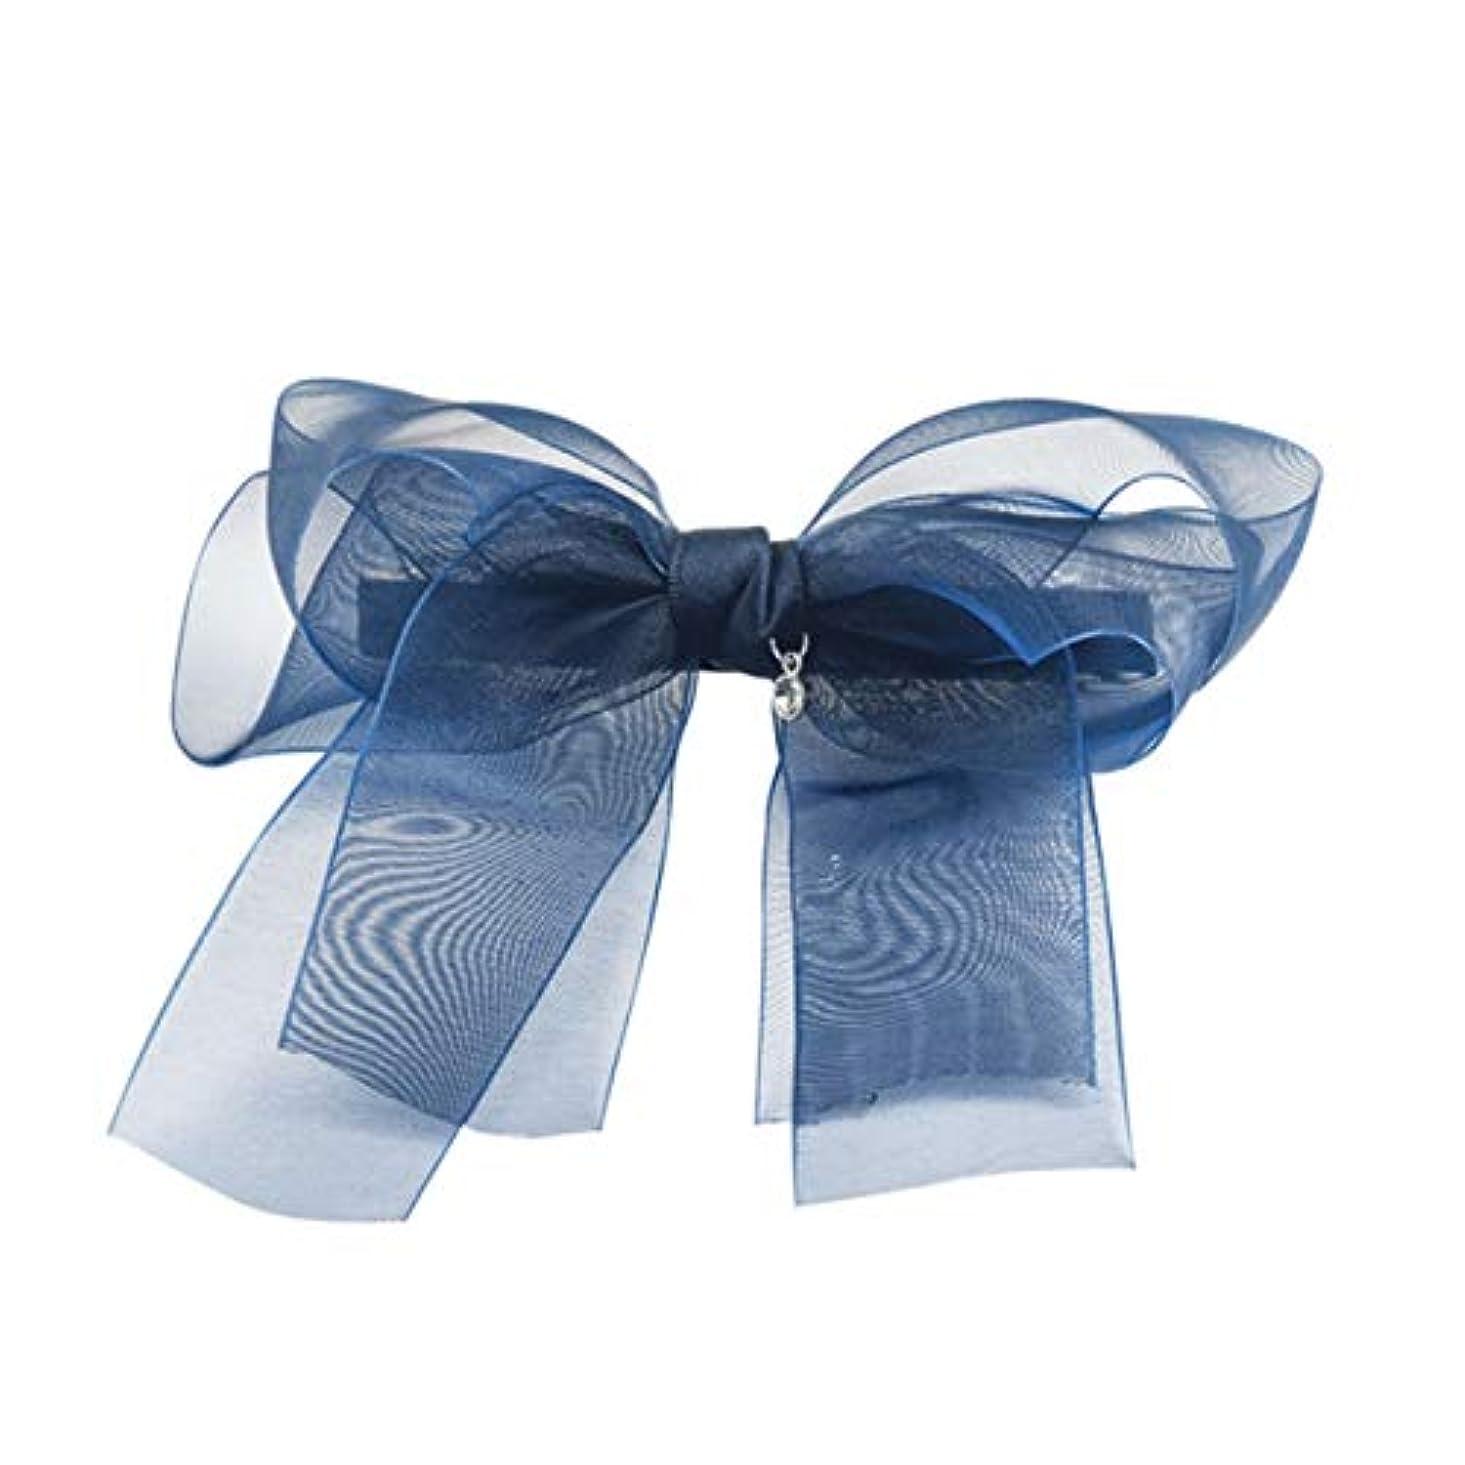 奪う合わせて残基ヘアクリップ、ヘアピン、ヘアグリップ、ヘアグリップ、ヘアピン女性の大きなポニーテールクリップファッションポップフラワーヘアピン布の頭飾りバナナクリップ垂直クリップ手作りの生地パープル、グレー、ブルー (Color : Gray...